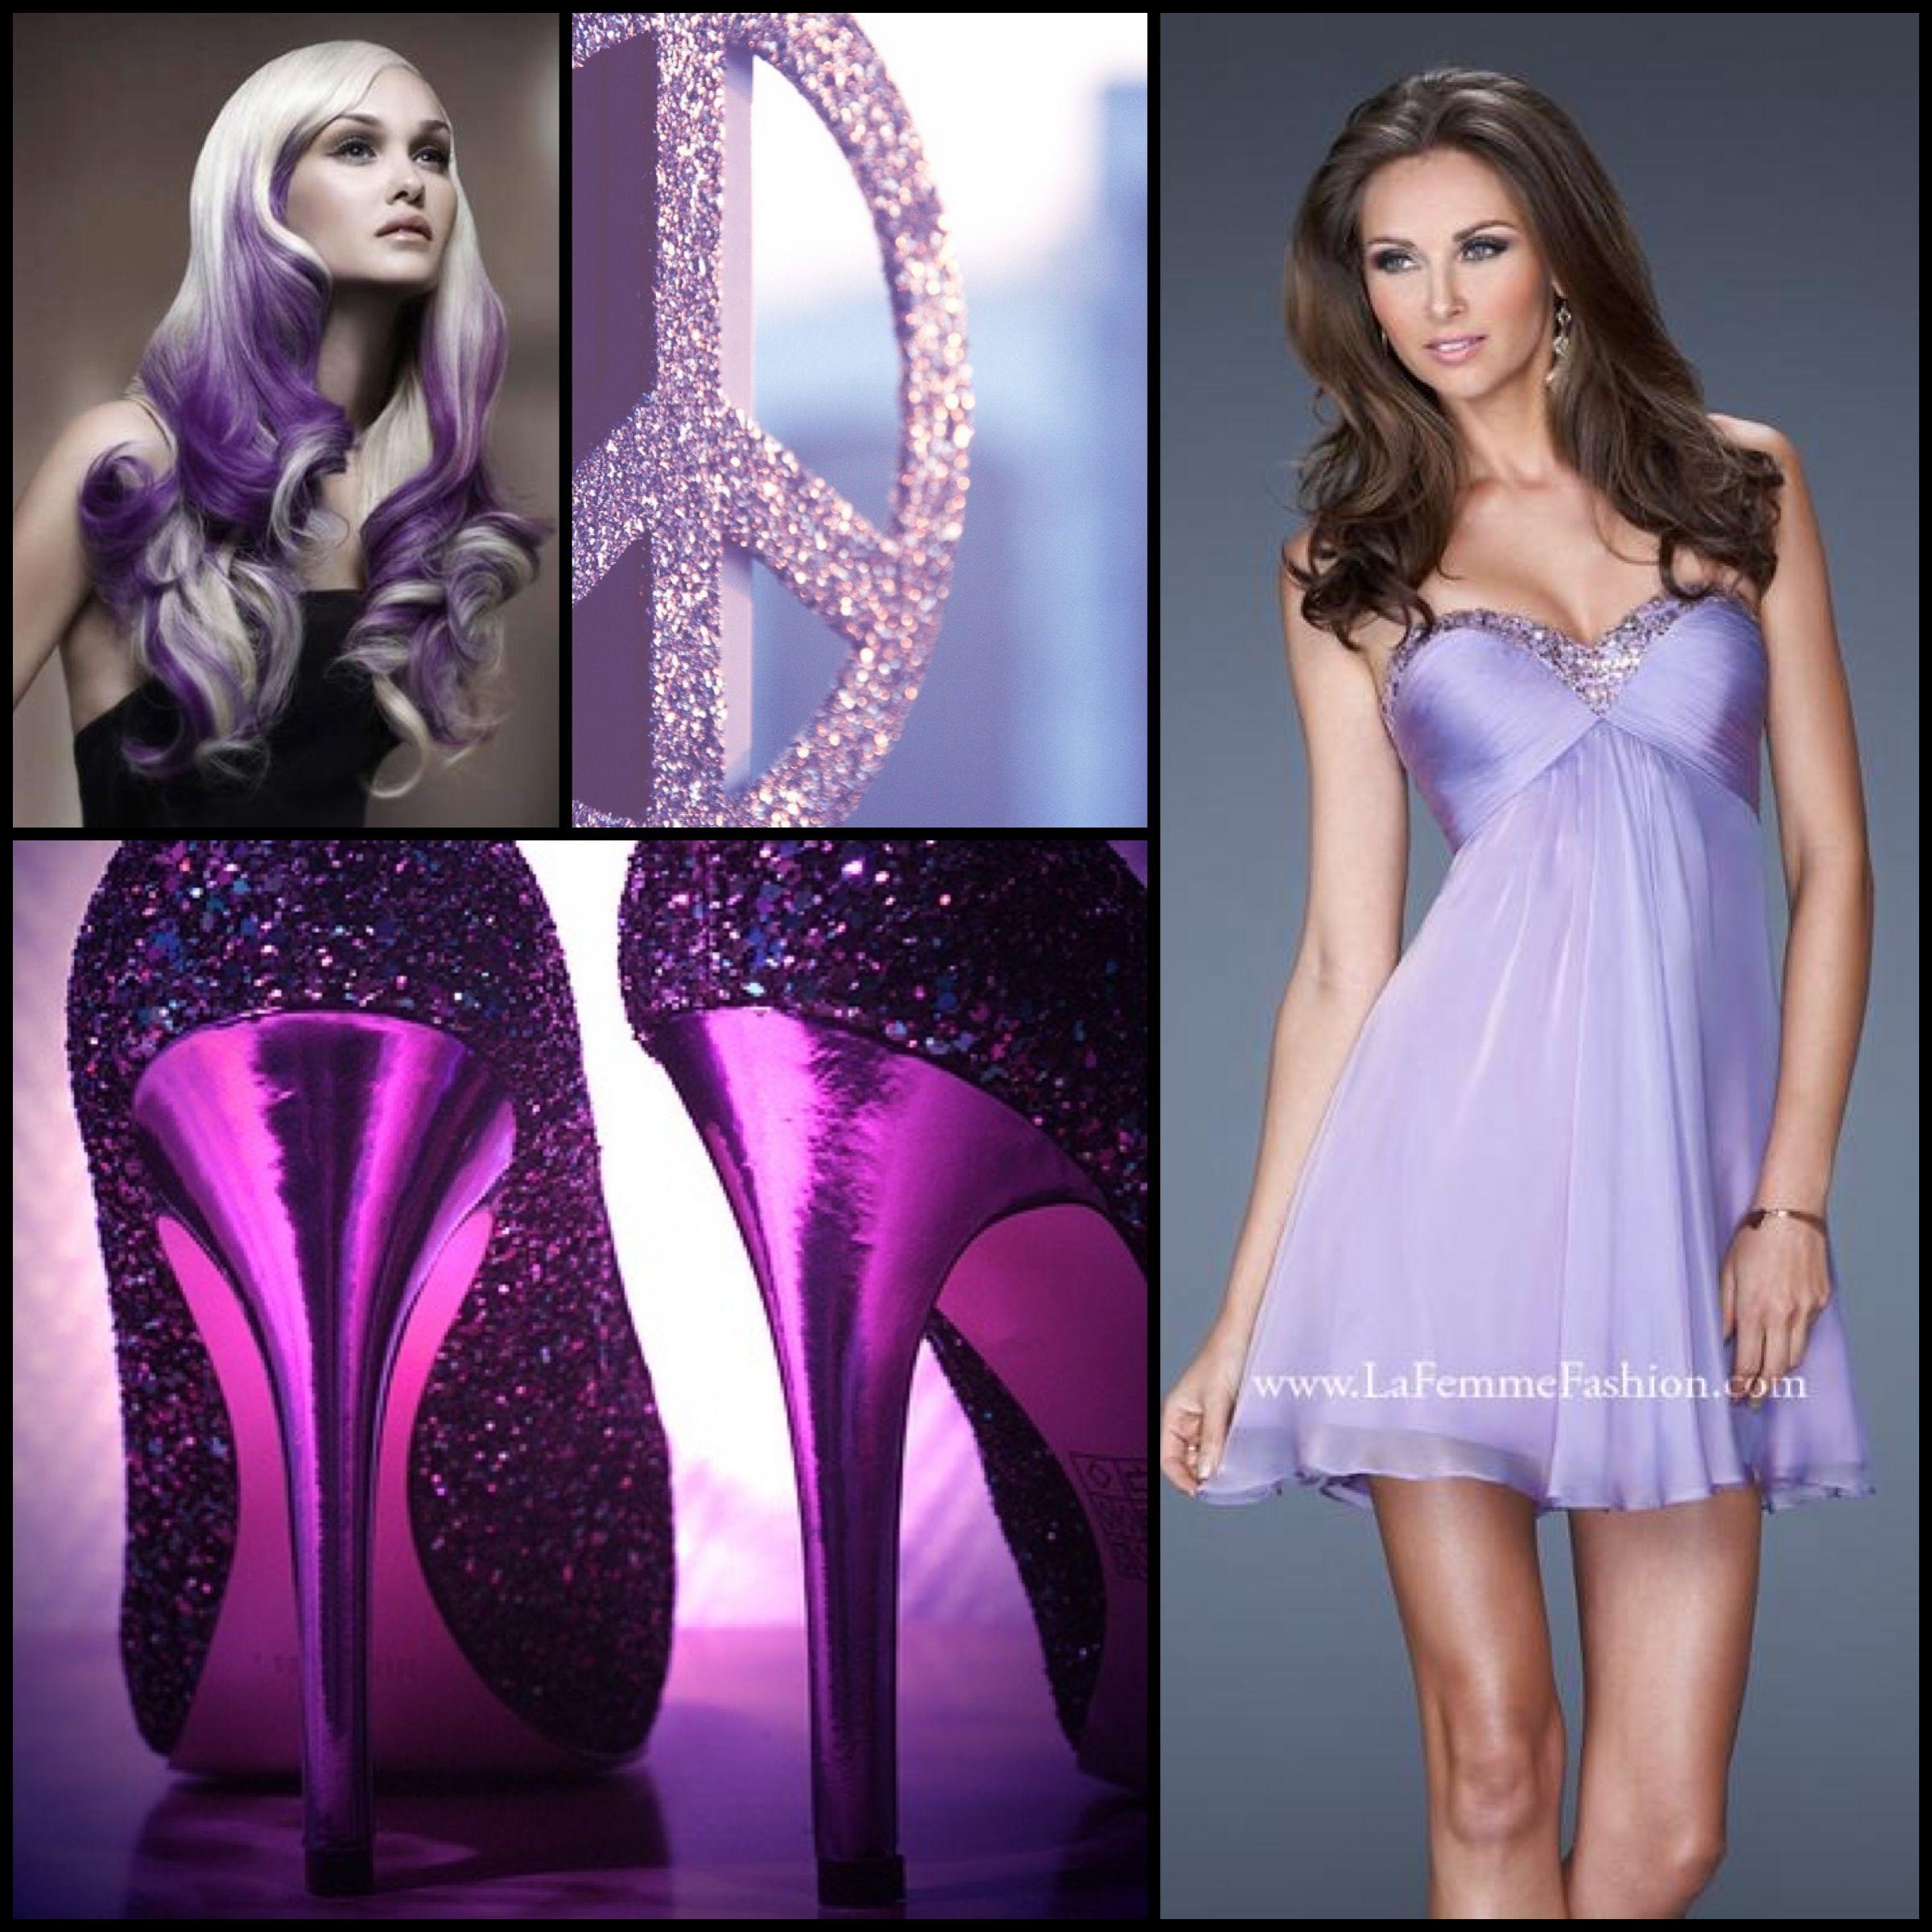 La femme style wisteria purple purple dress heels